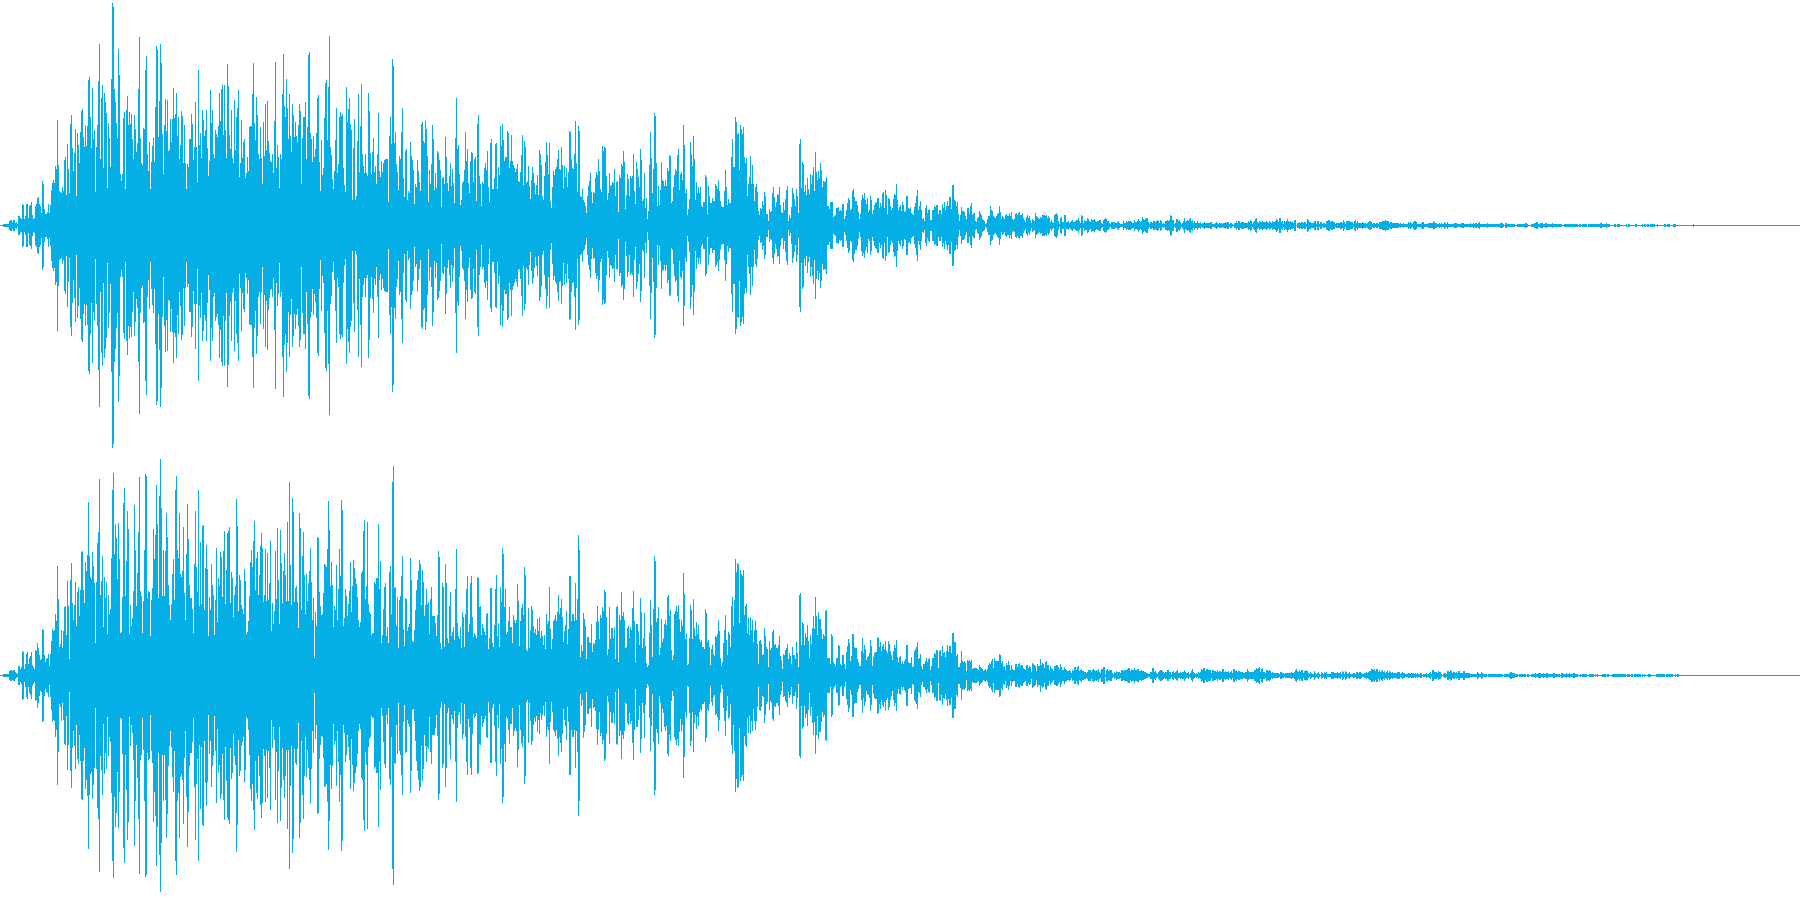 Animal ガオッと吠える猛獣の声の再生済みの波形